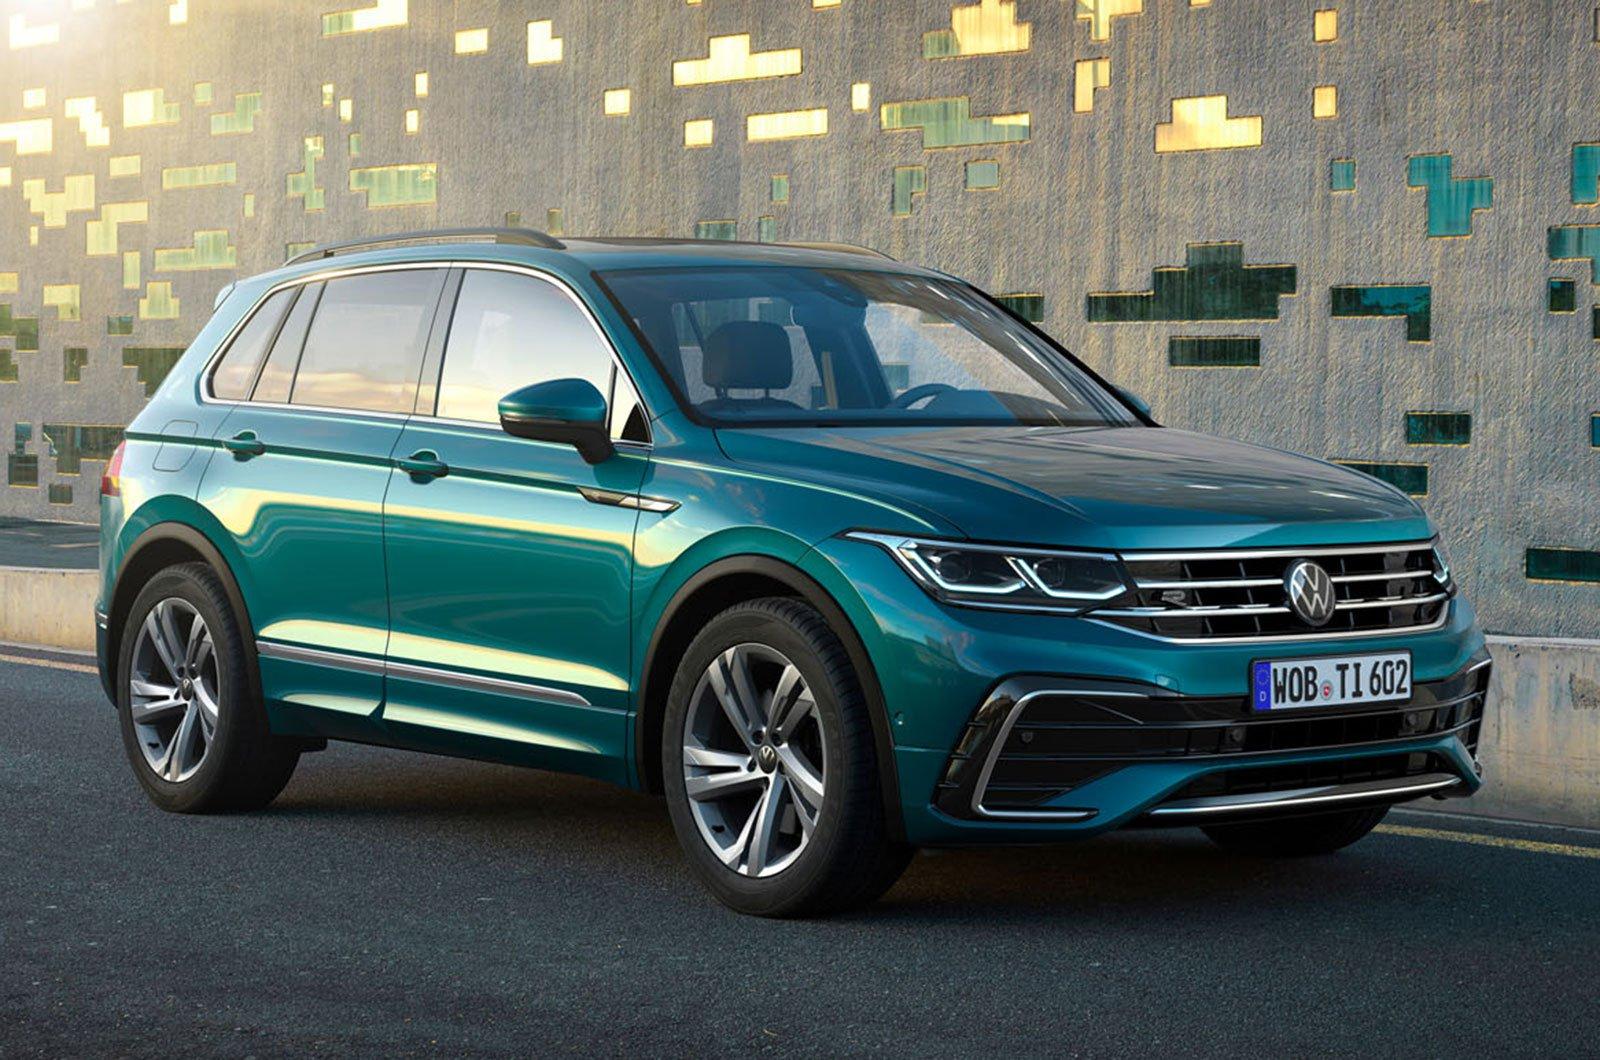 2021 Volkswagen Tiguan front